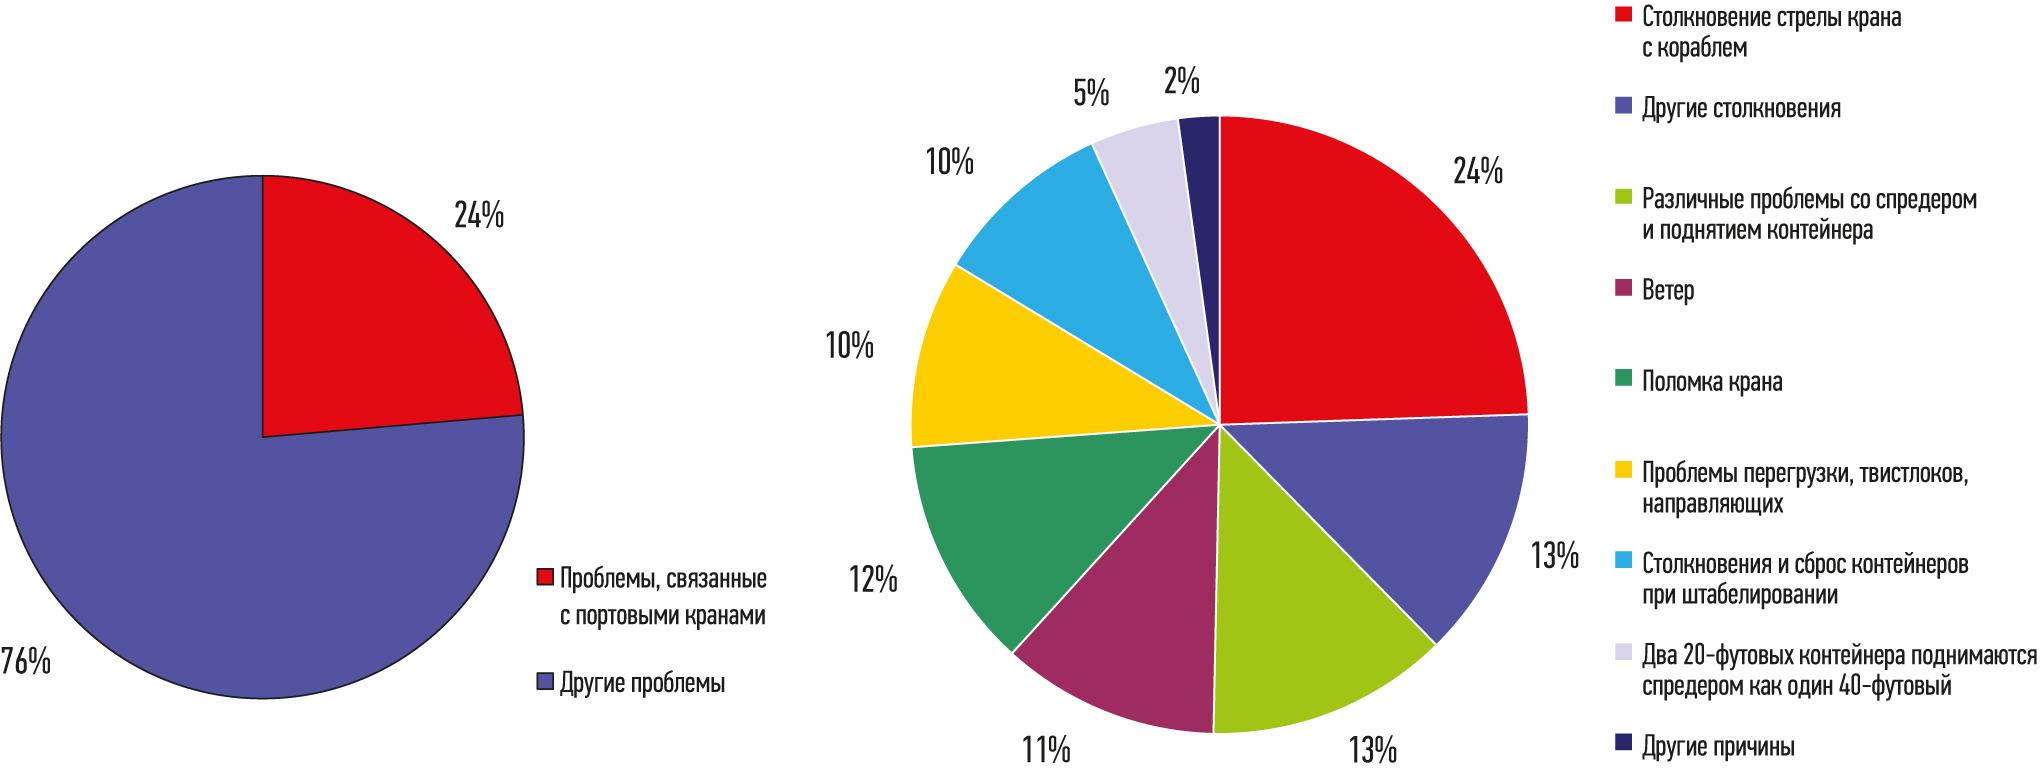 Типы и причины несчастных случаев в портах за период 2014–2018 гг